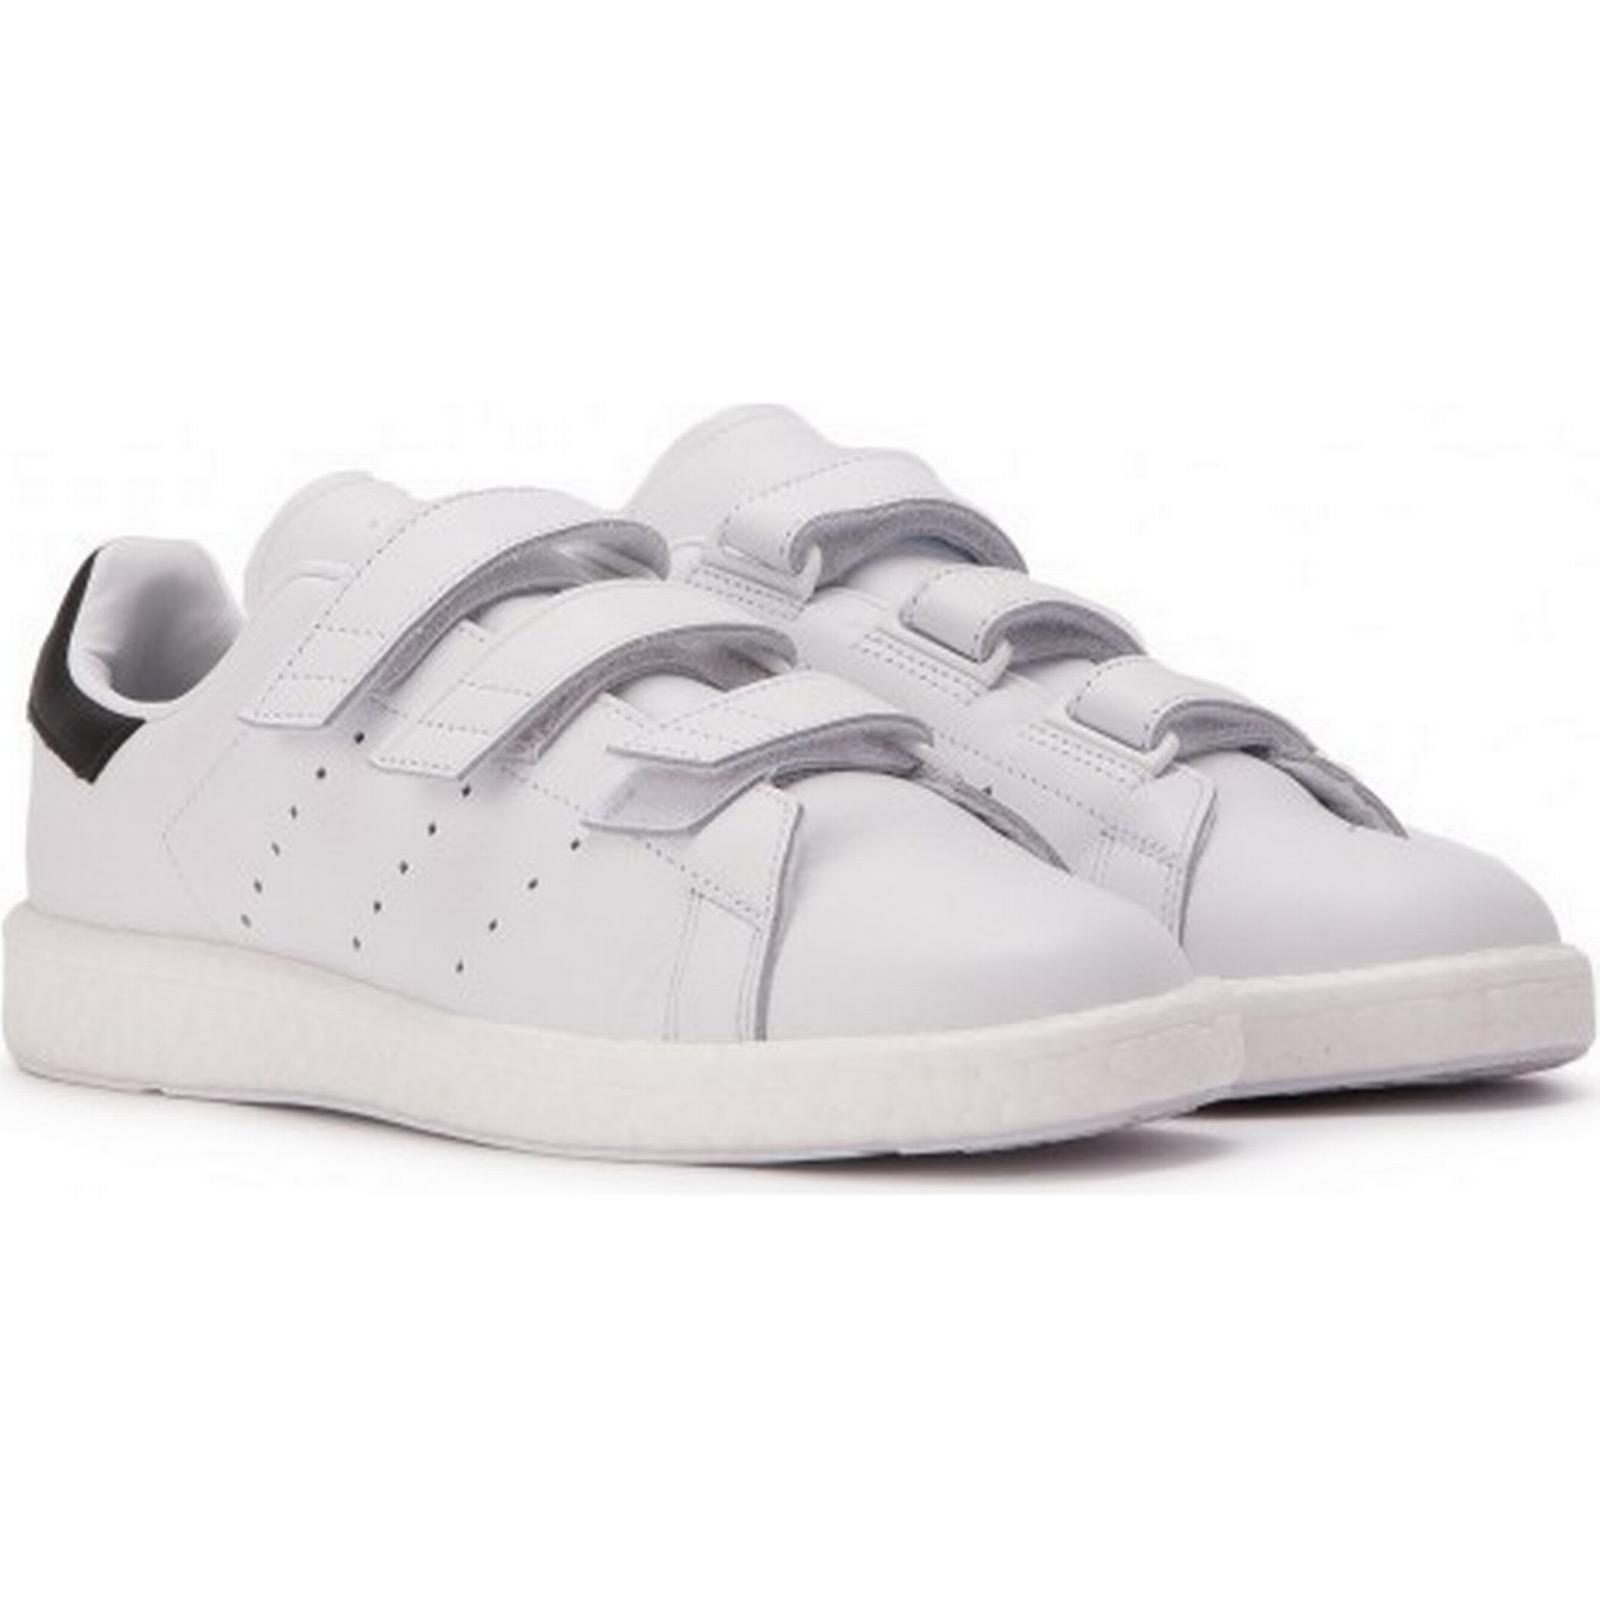 Adidas x CF White Mountaineering Stan Smith CF x (White / White) ff35c5